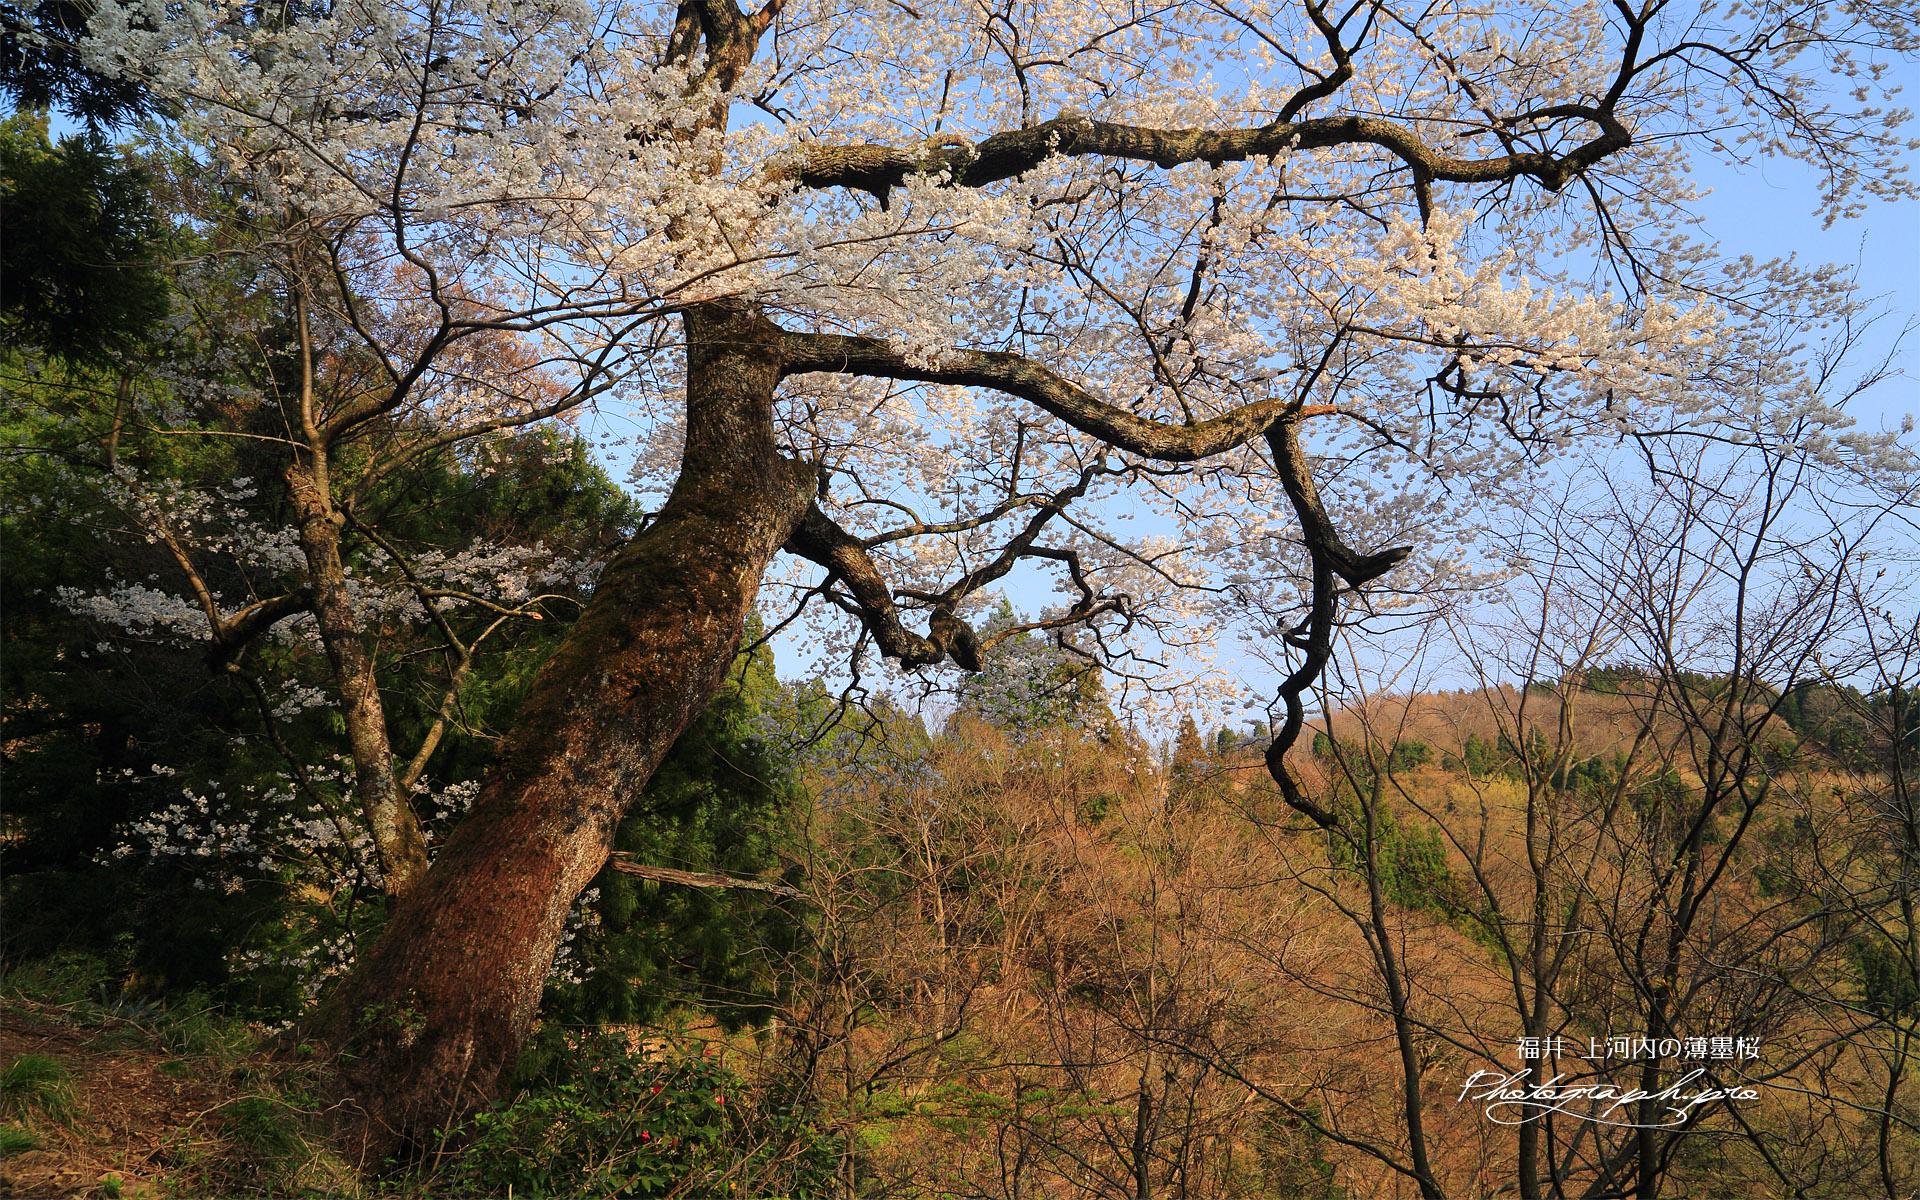 上河内の薄墨桜